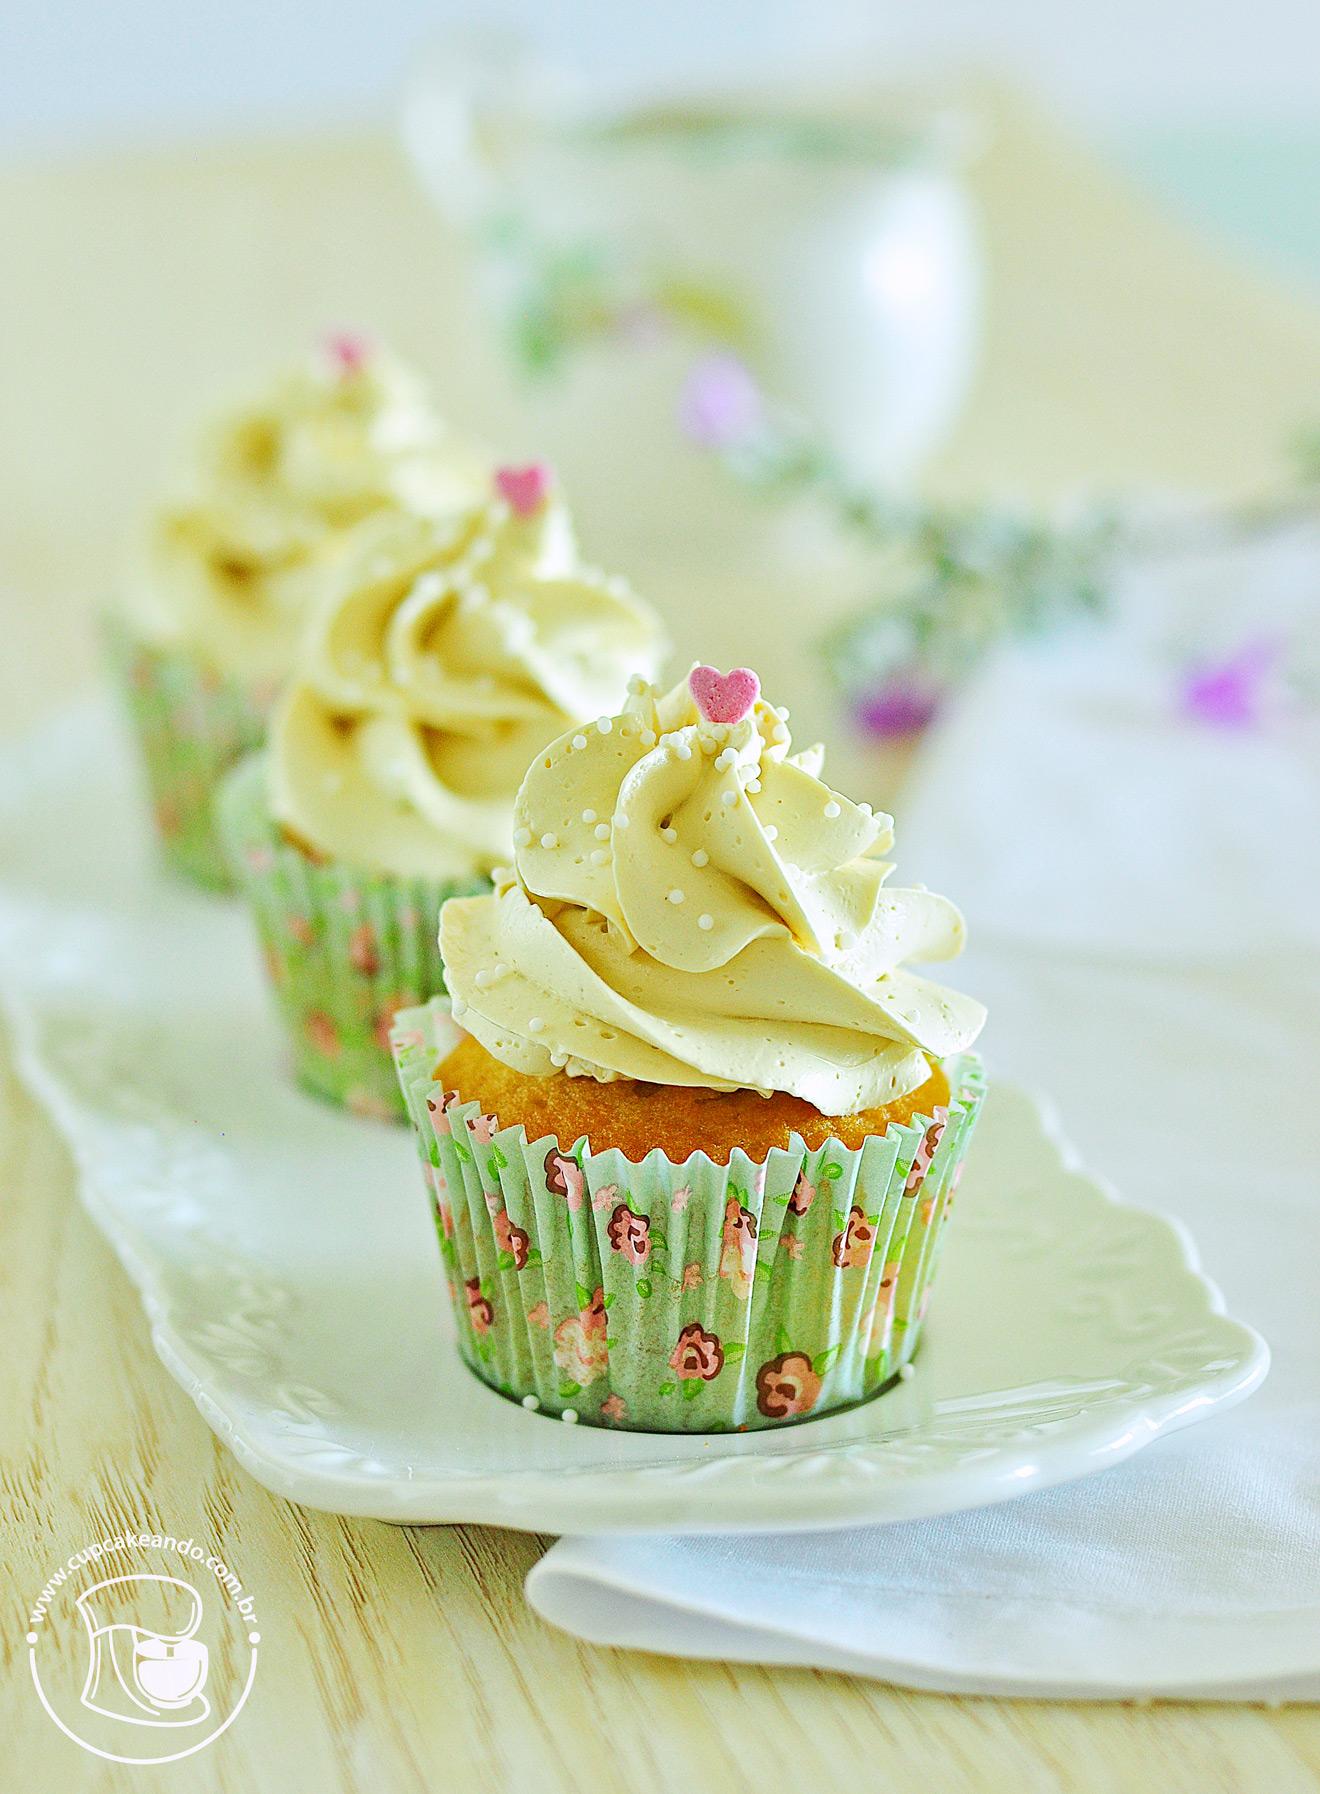 Cupcakes de baunilha e buttermilk com cobertura de buttercream de café